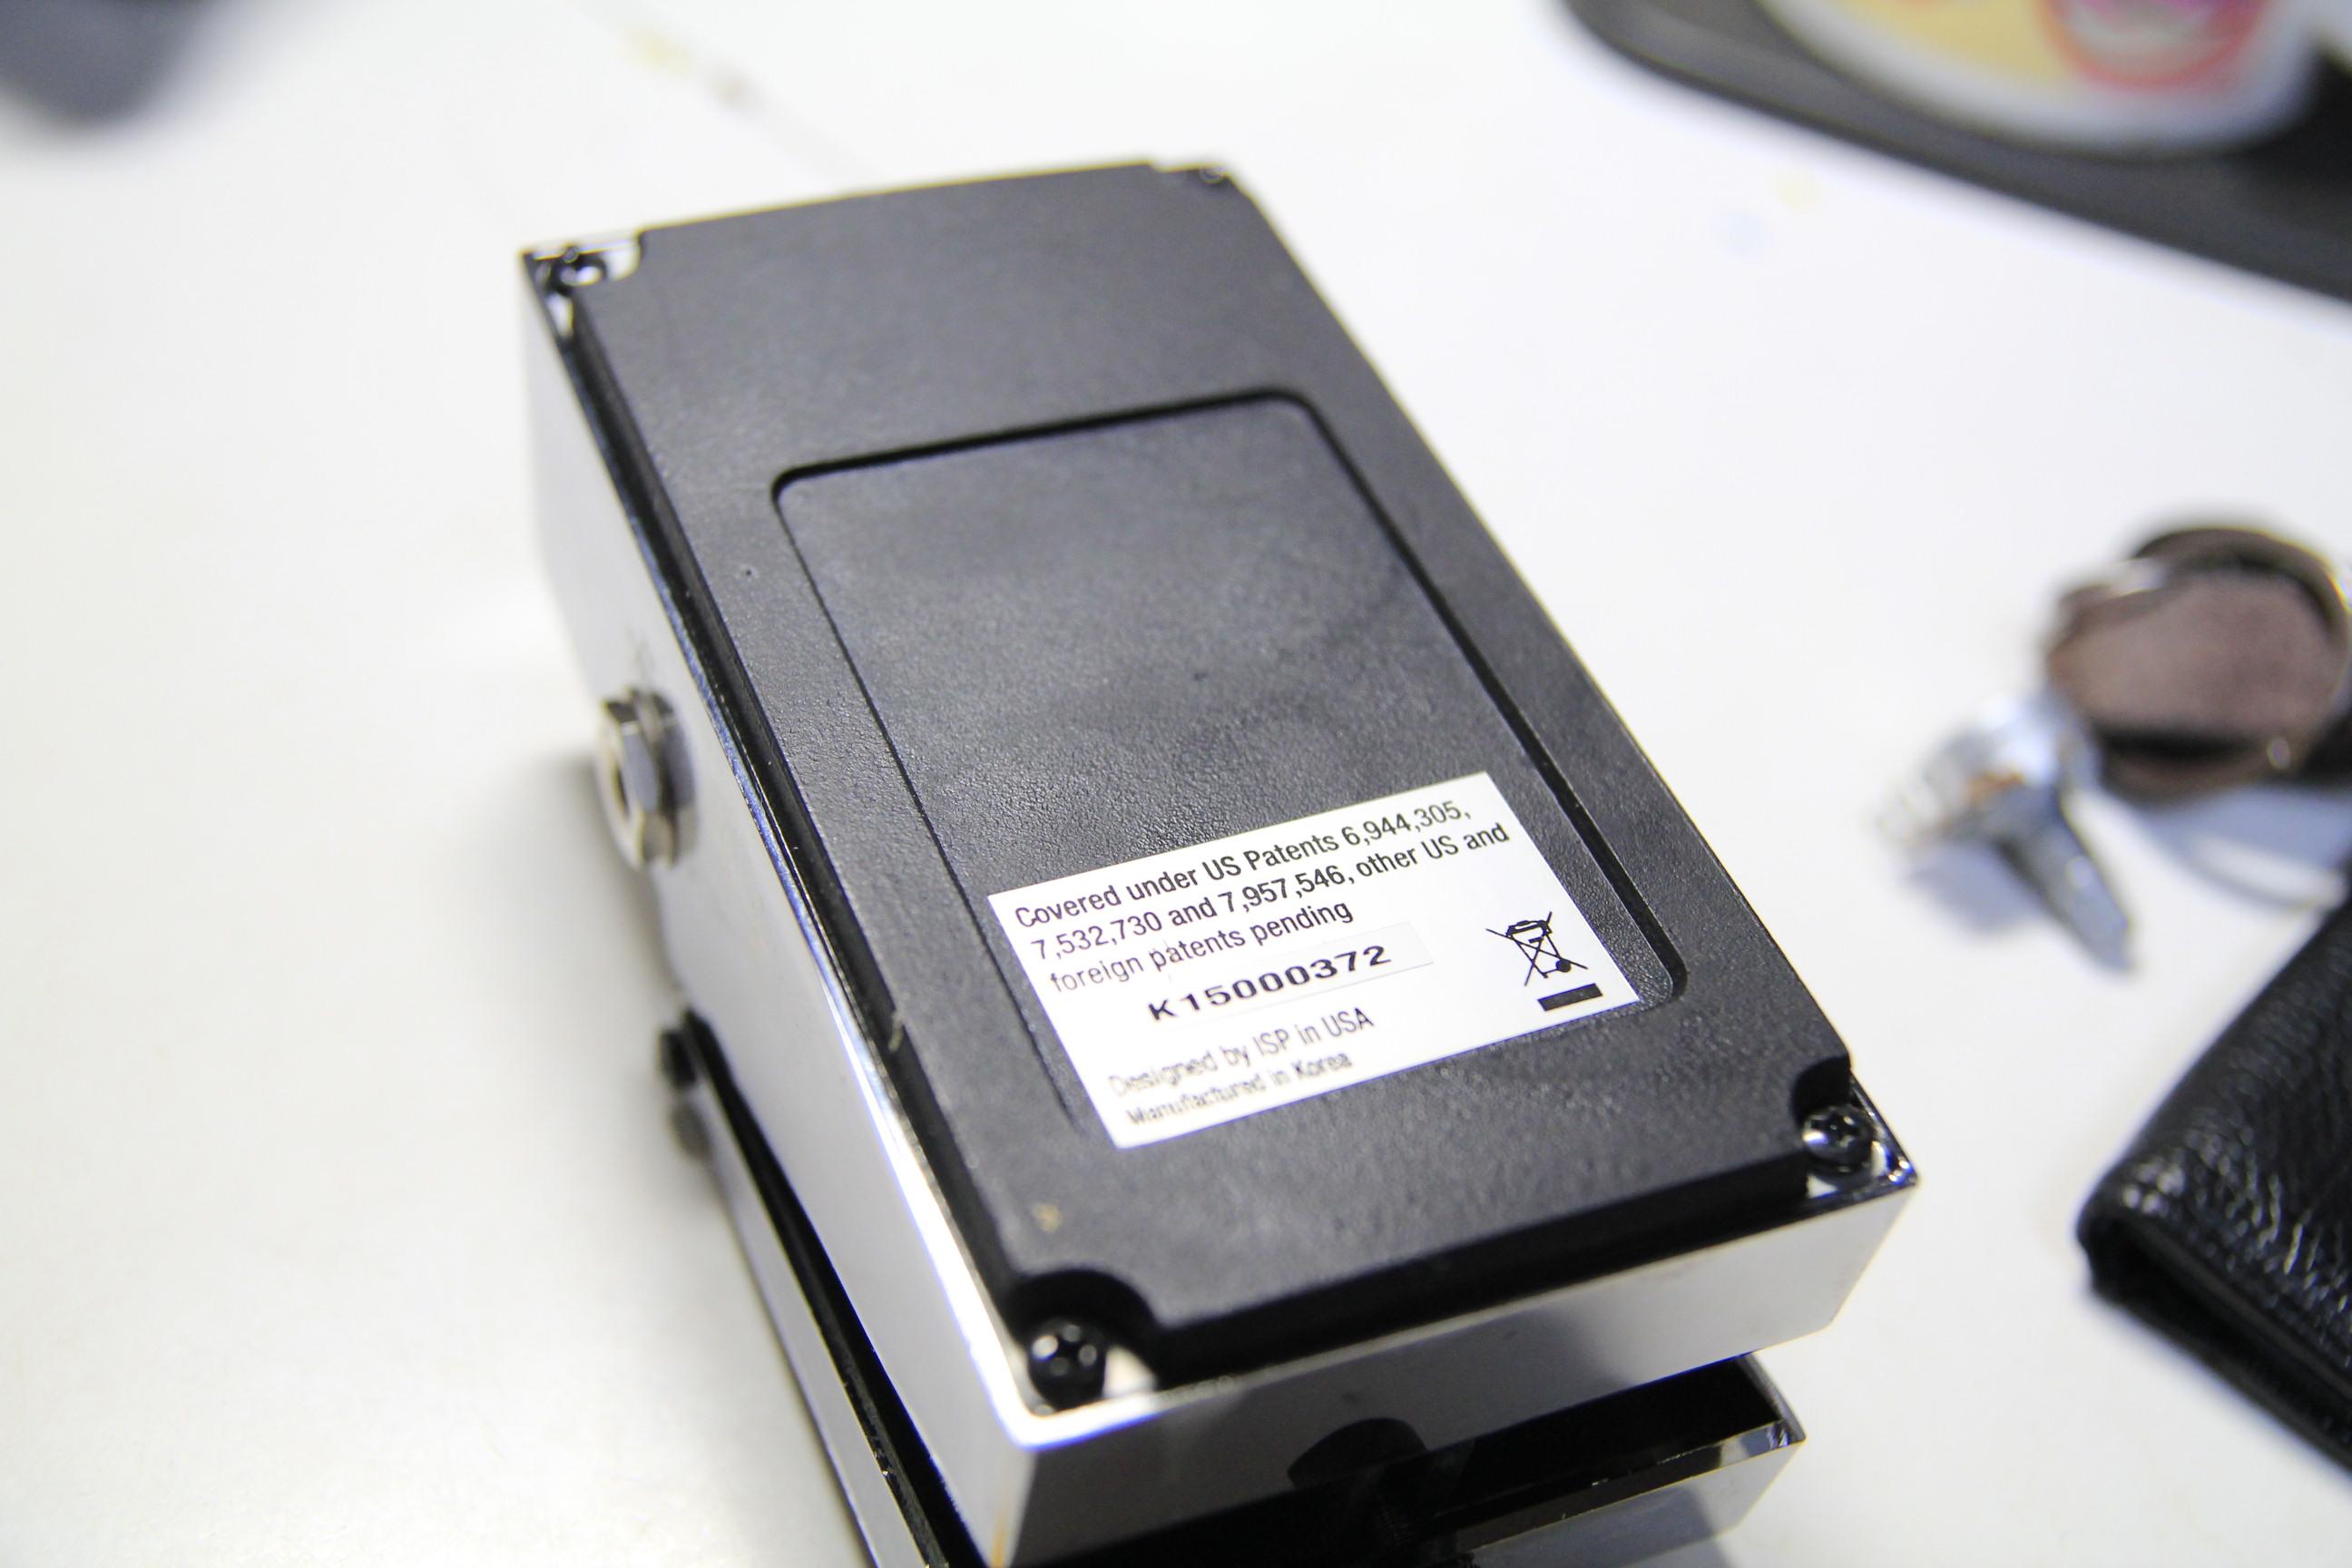 isp-decimator-10